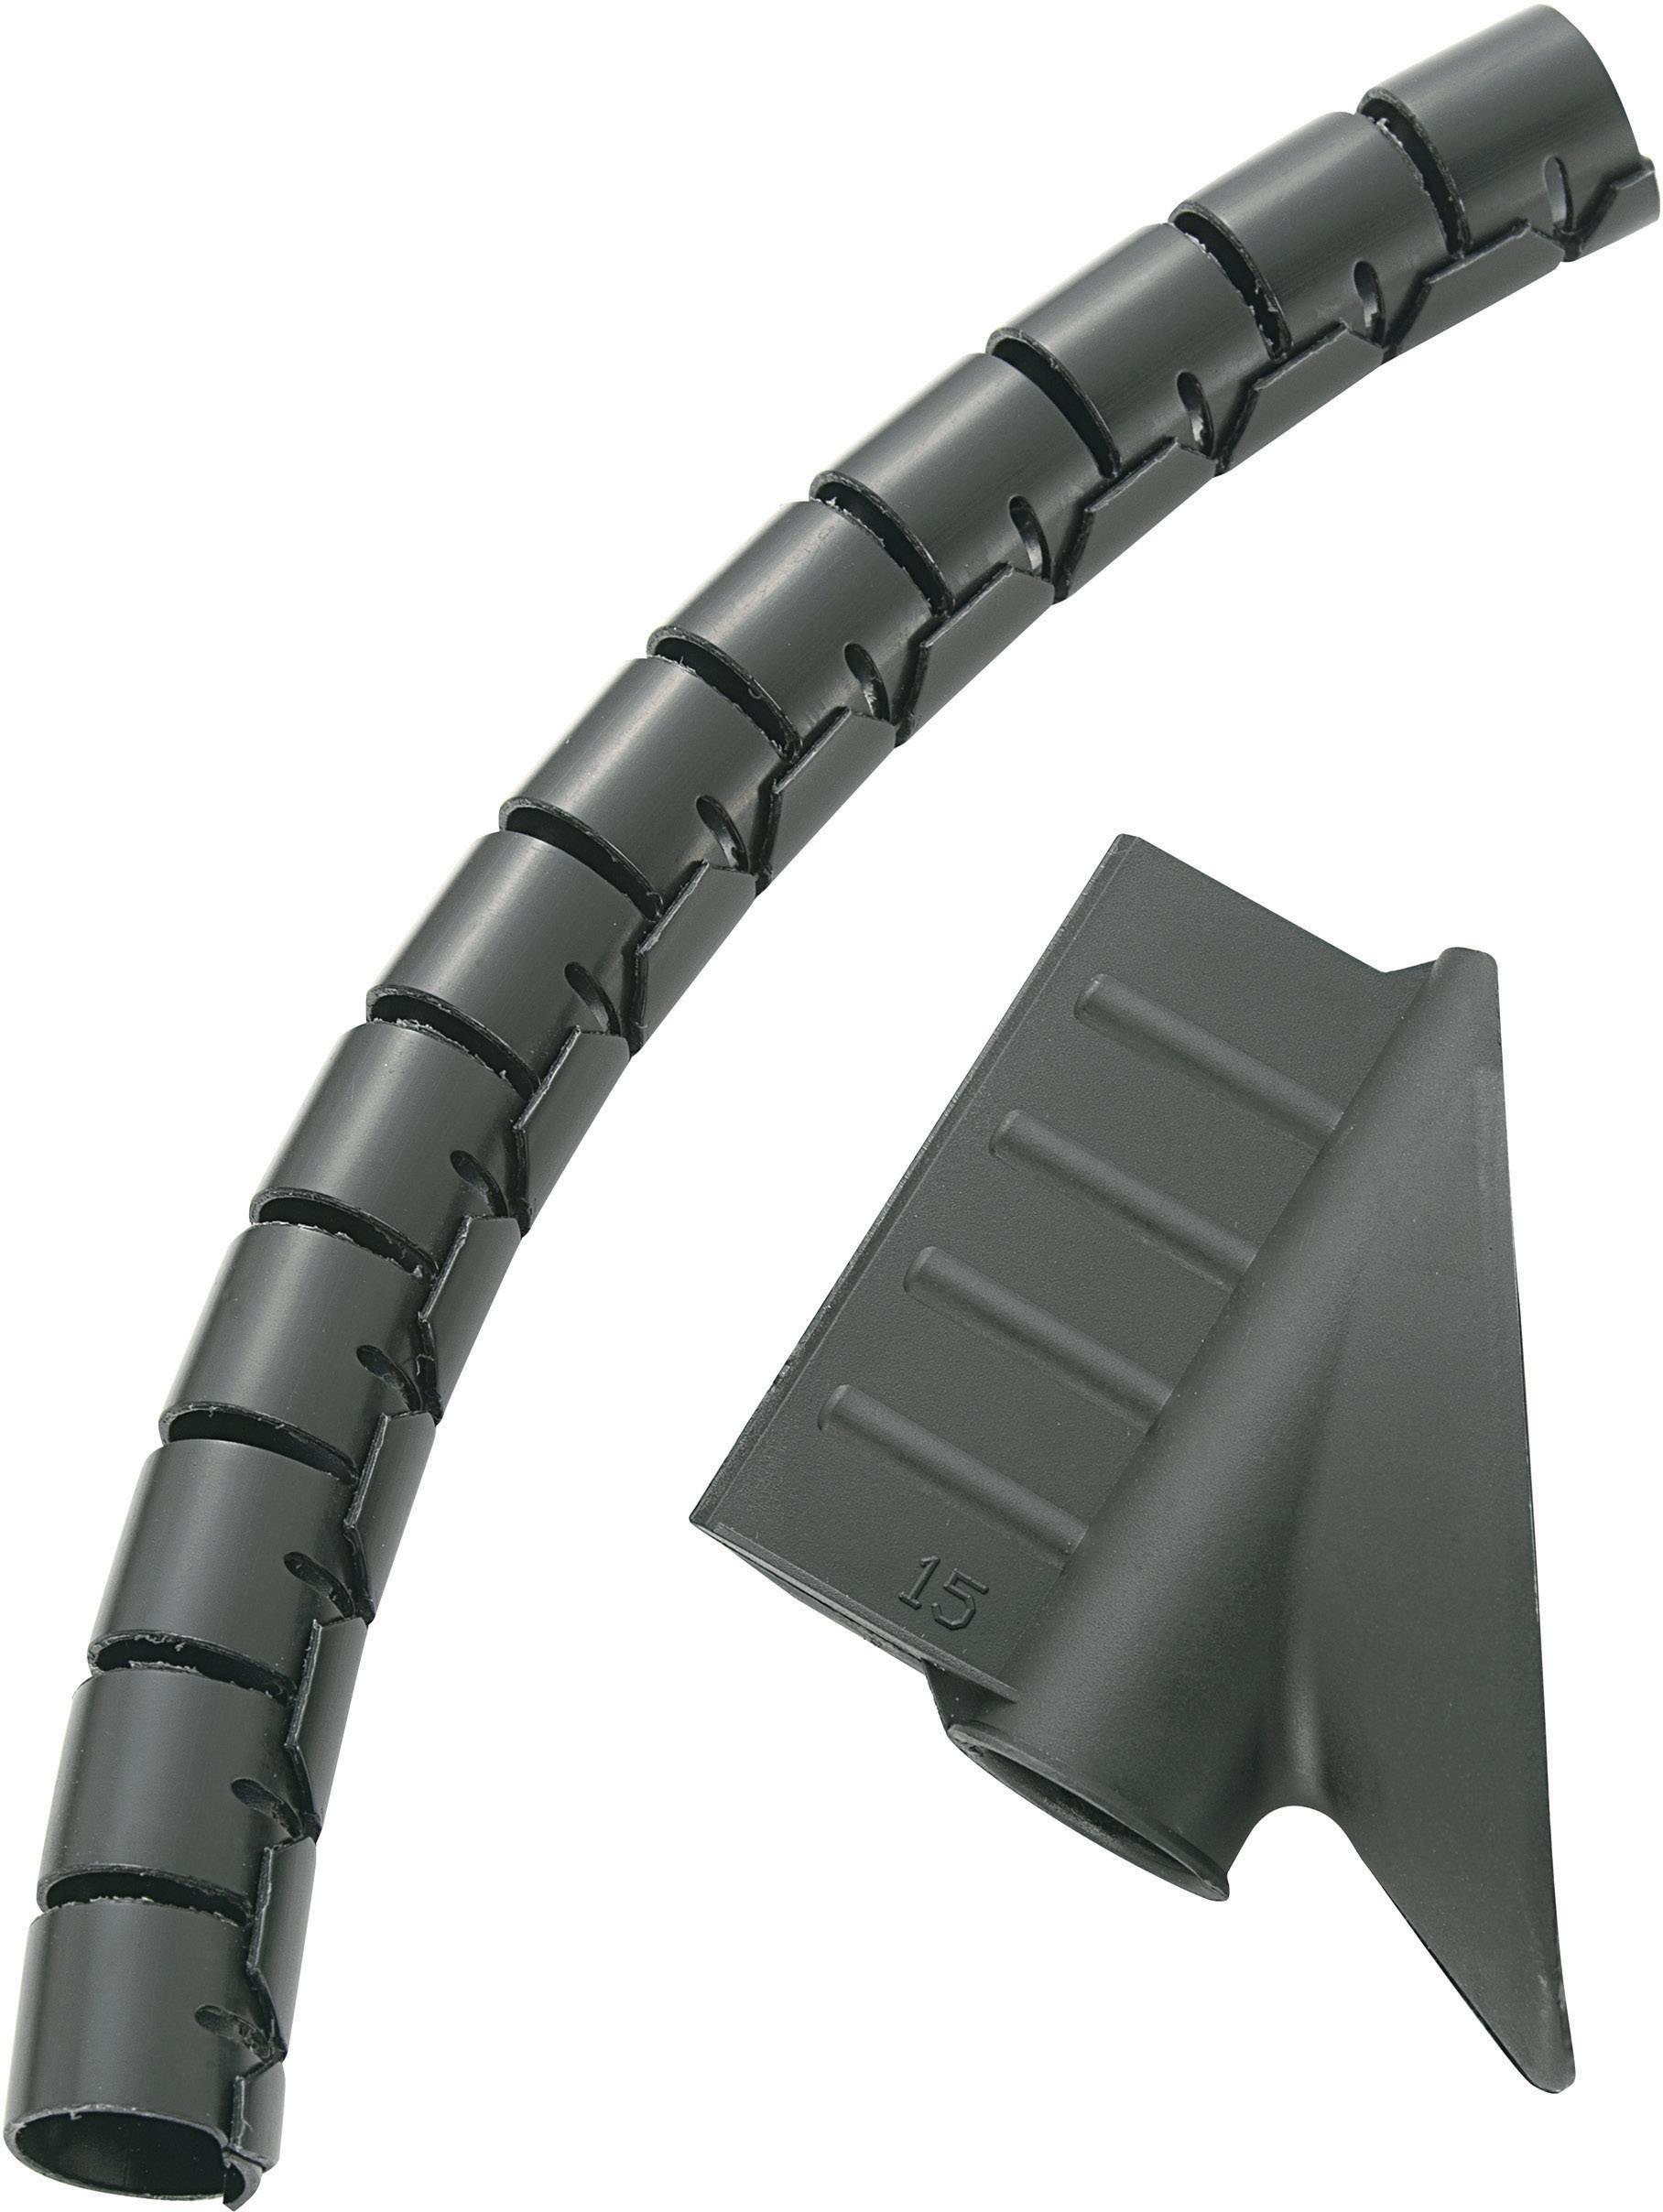 Káblový oplet KSS MX-KLT20BK, 20 mm (max), 5 m, čierna